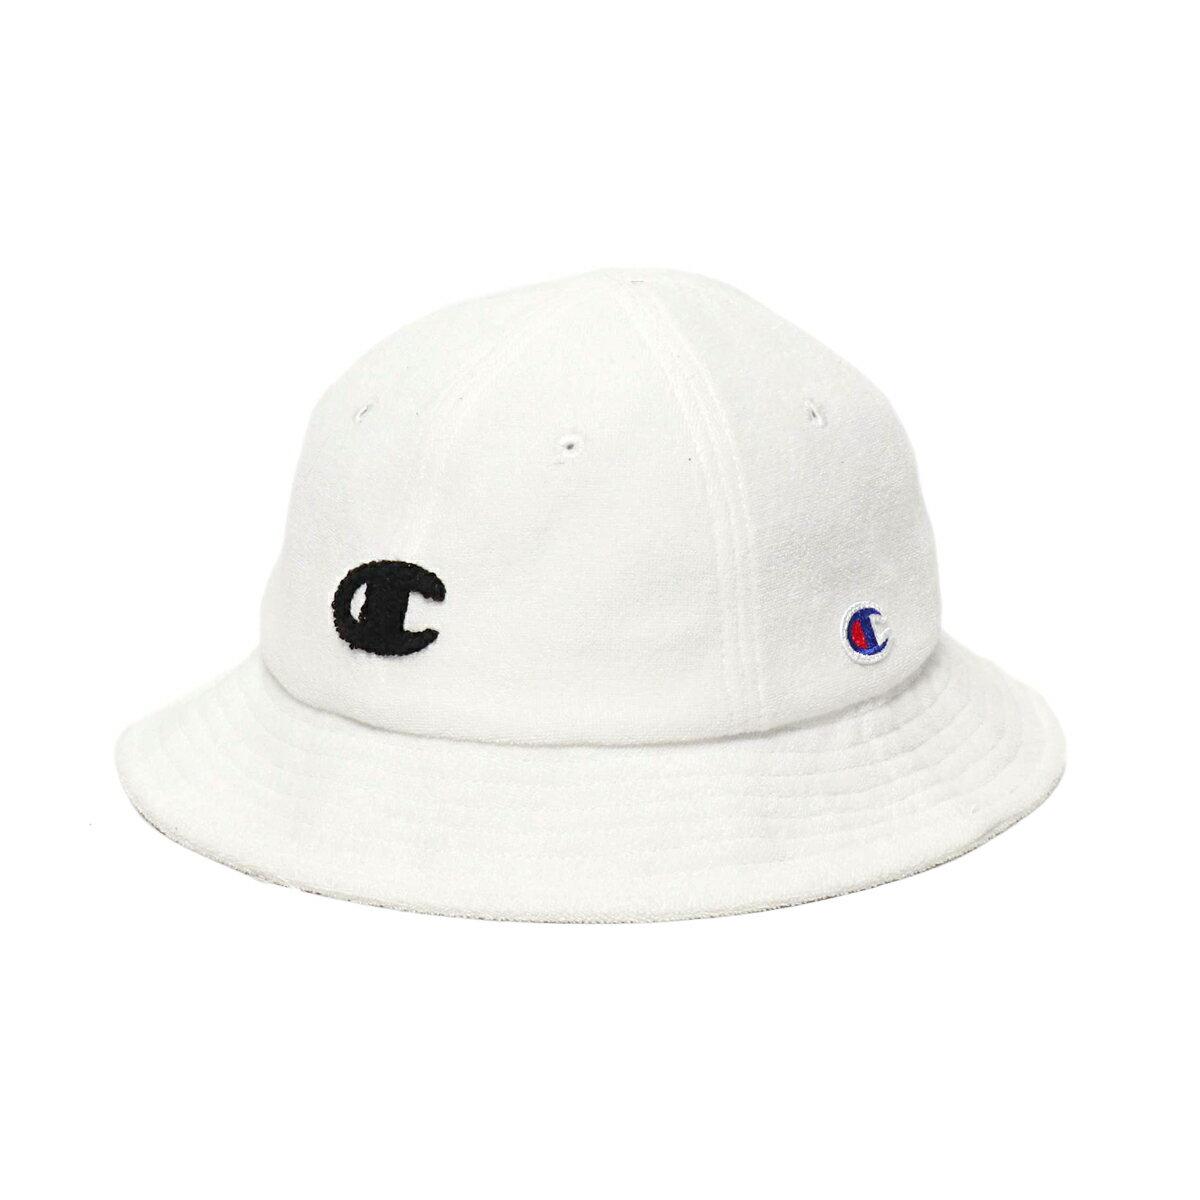 CHAMPION x ATMOS LAB PILE HAT (チャンピオン パイルハット)WHITE【メンズ レディース ハット】19SS-S